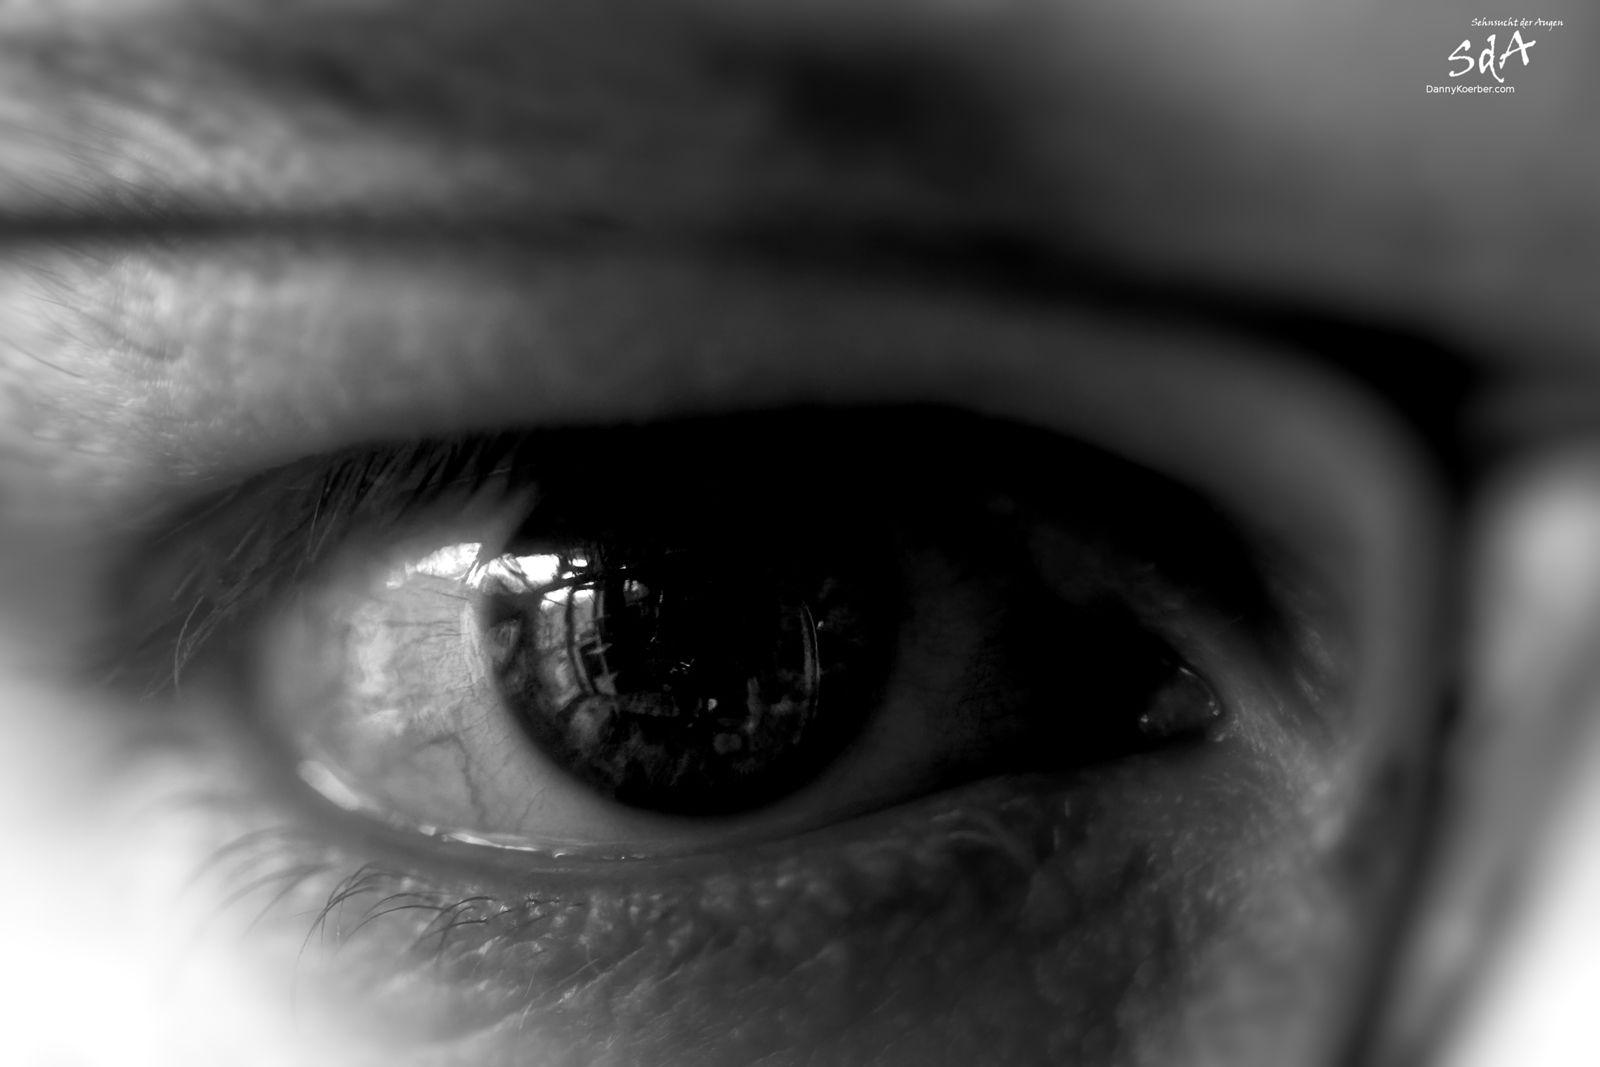 Das Auge des Fotografen, fotografiert in Schwarz Weiß von Danny Koerber.